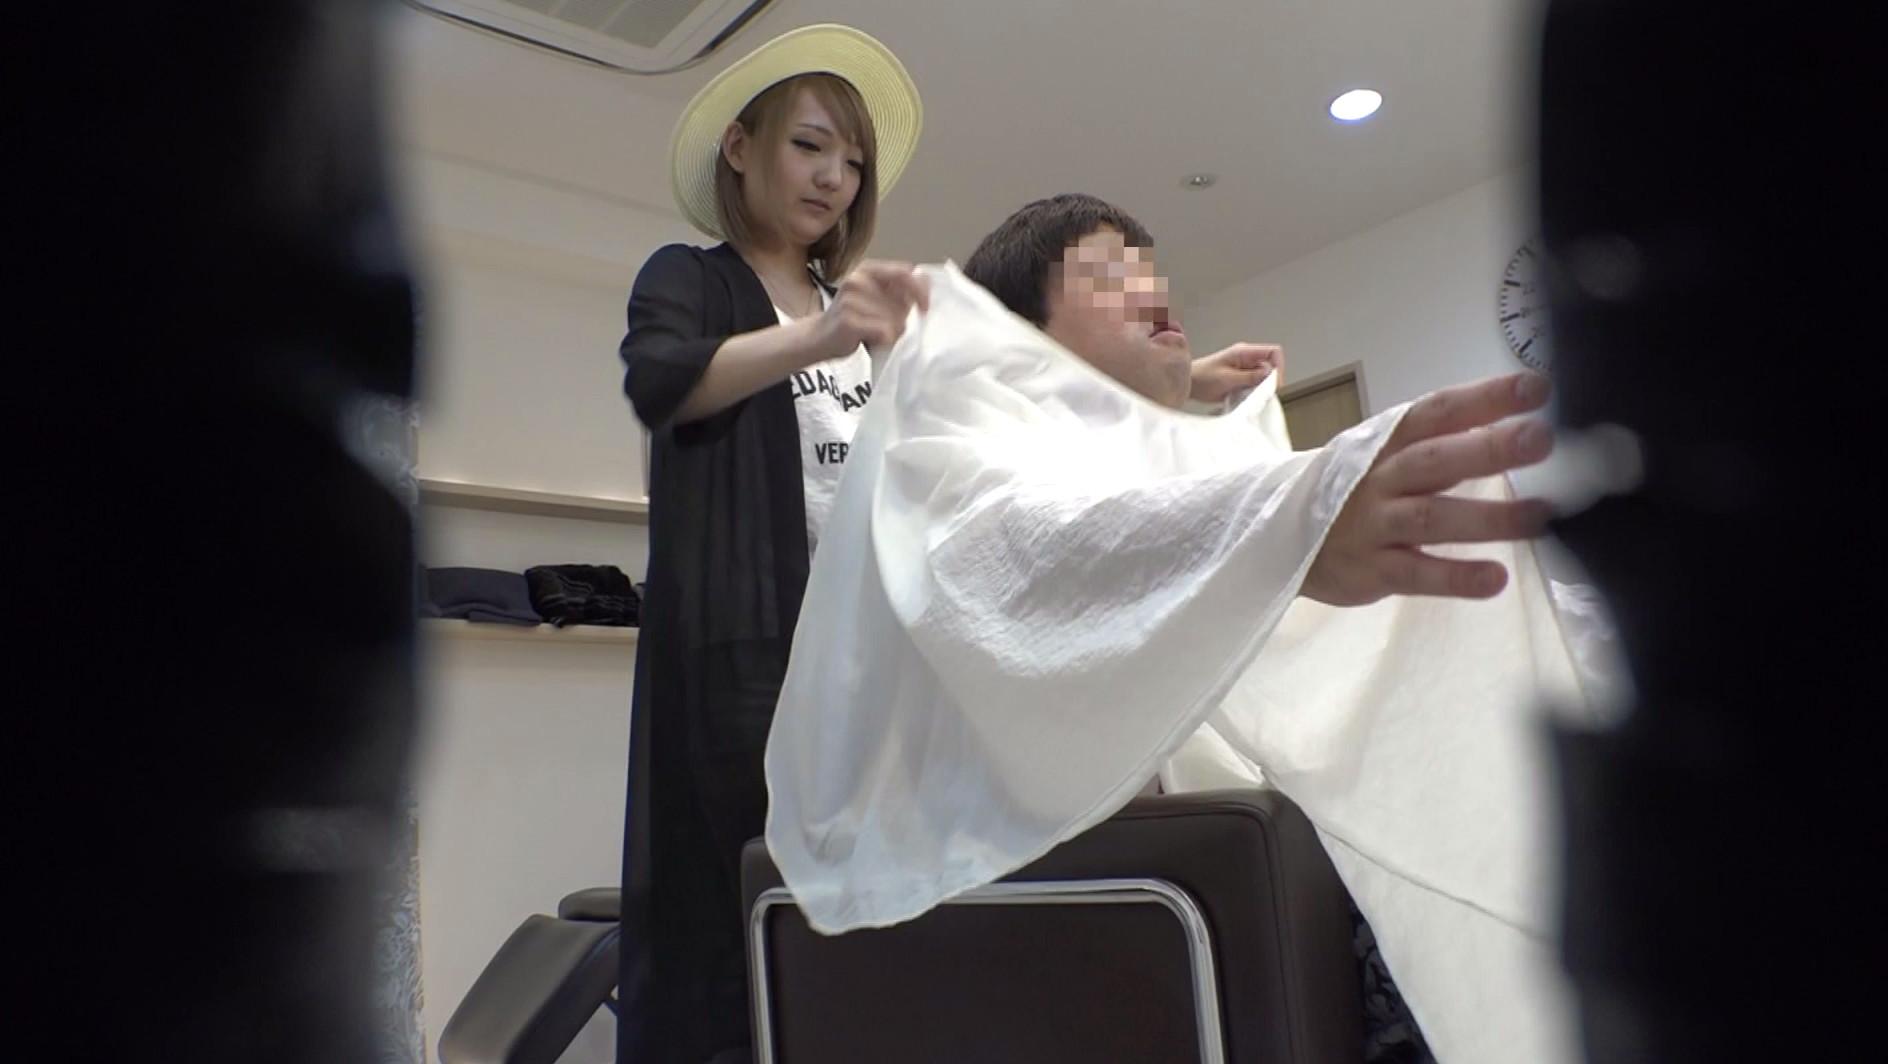 2度見しちゃうほど可愛い金髪美容師は小悪魔スレンダー美少女でした 画像1